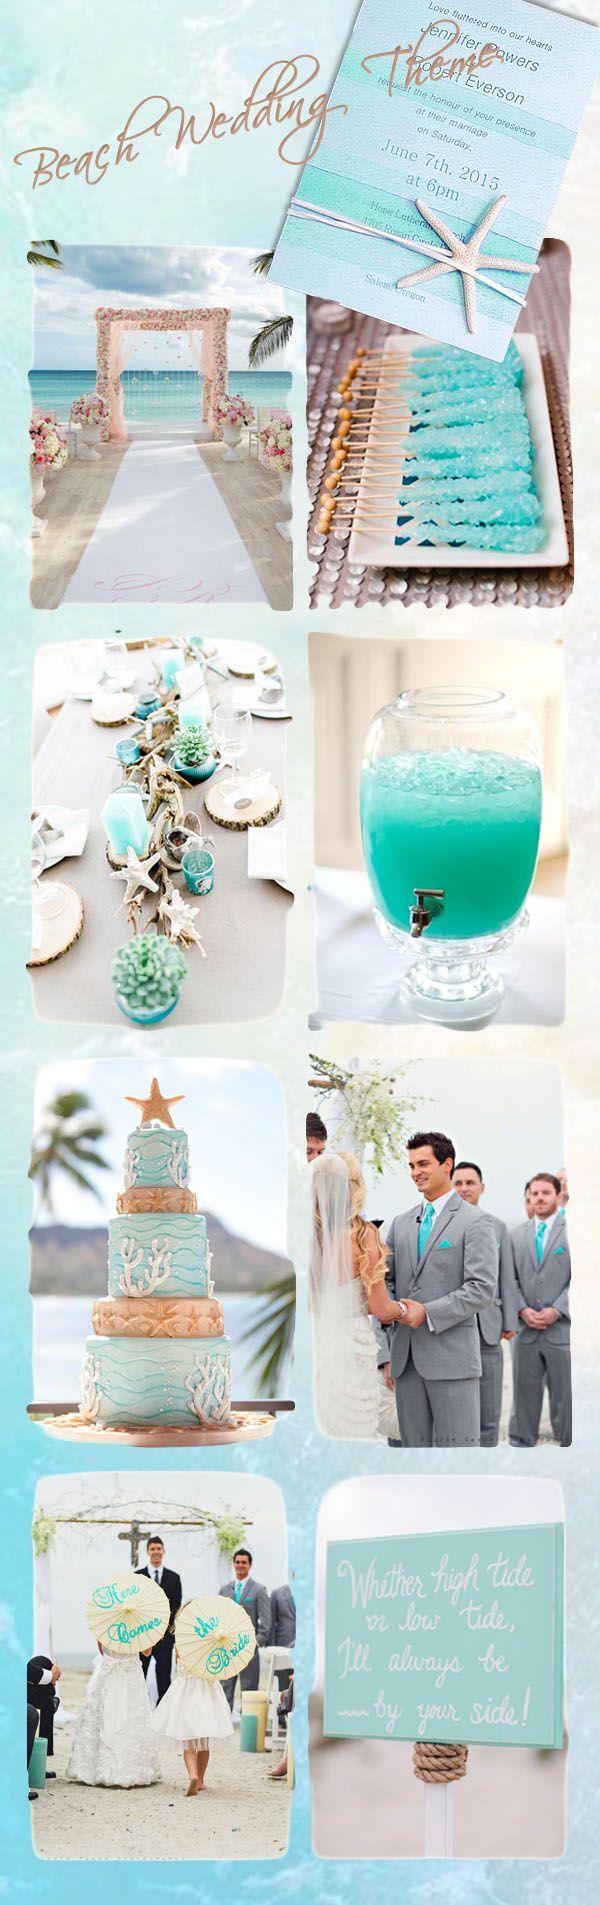 婚礼主题选择众多,从仿古,复古,优雅到波希米亚,海滩和绿化......婚礼主题/风格是您在规划婚礼时应该做出的第一个重要决定,它会...